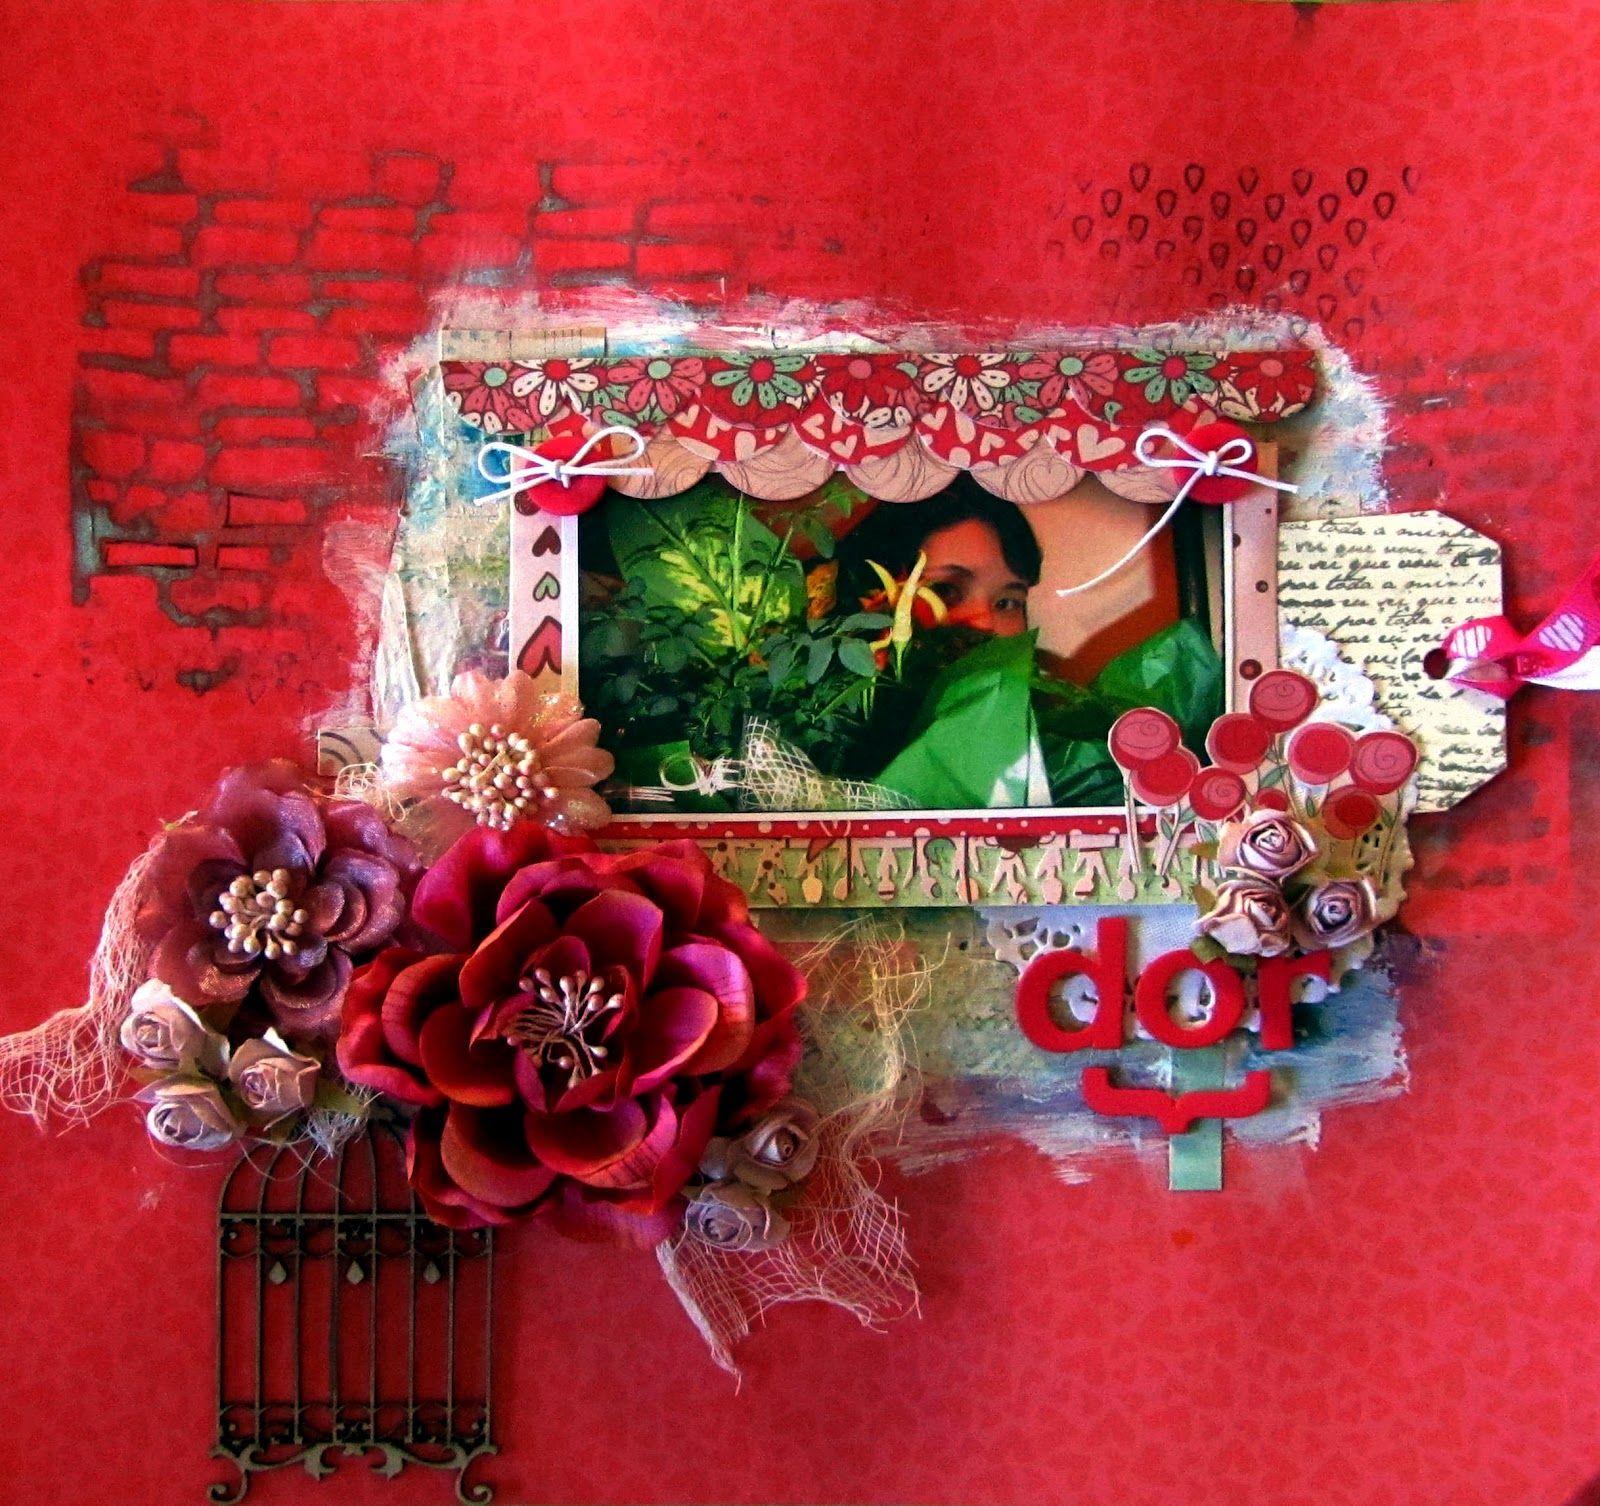 http:\\artesobmedida.blogspot.com